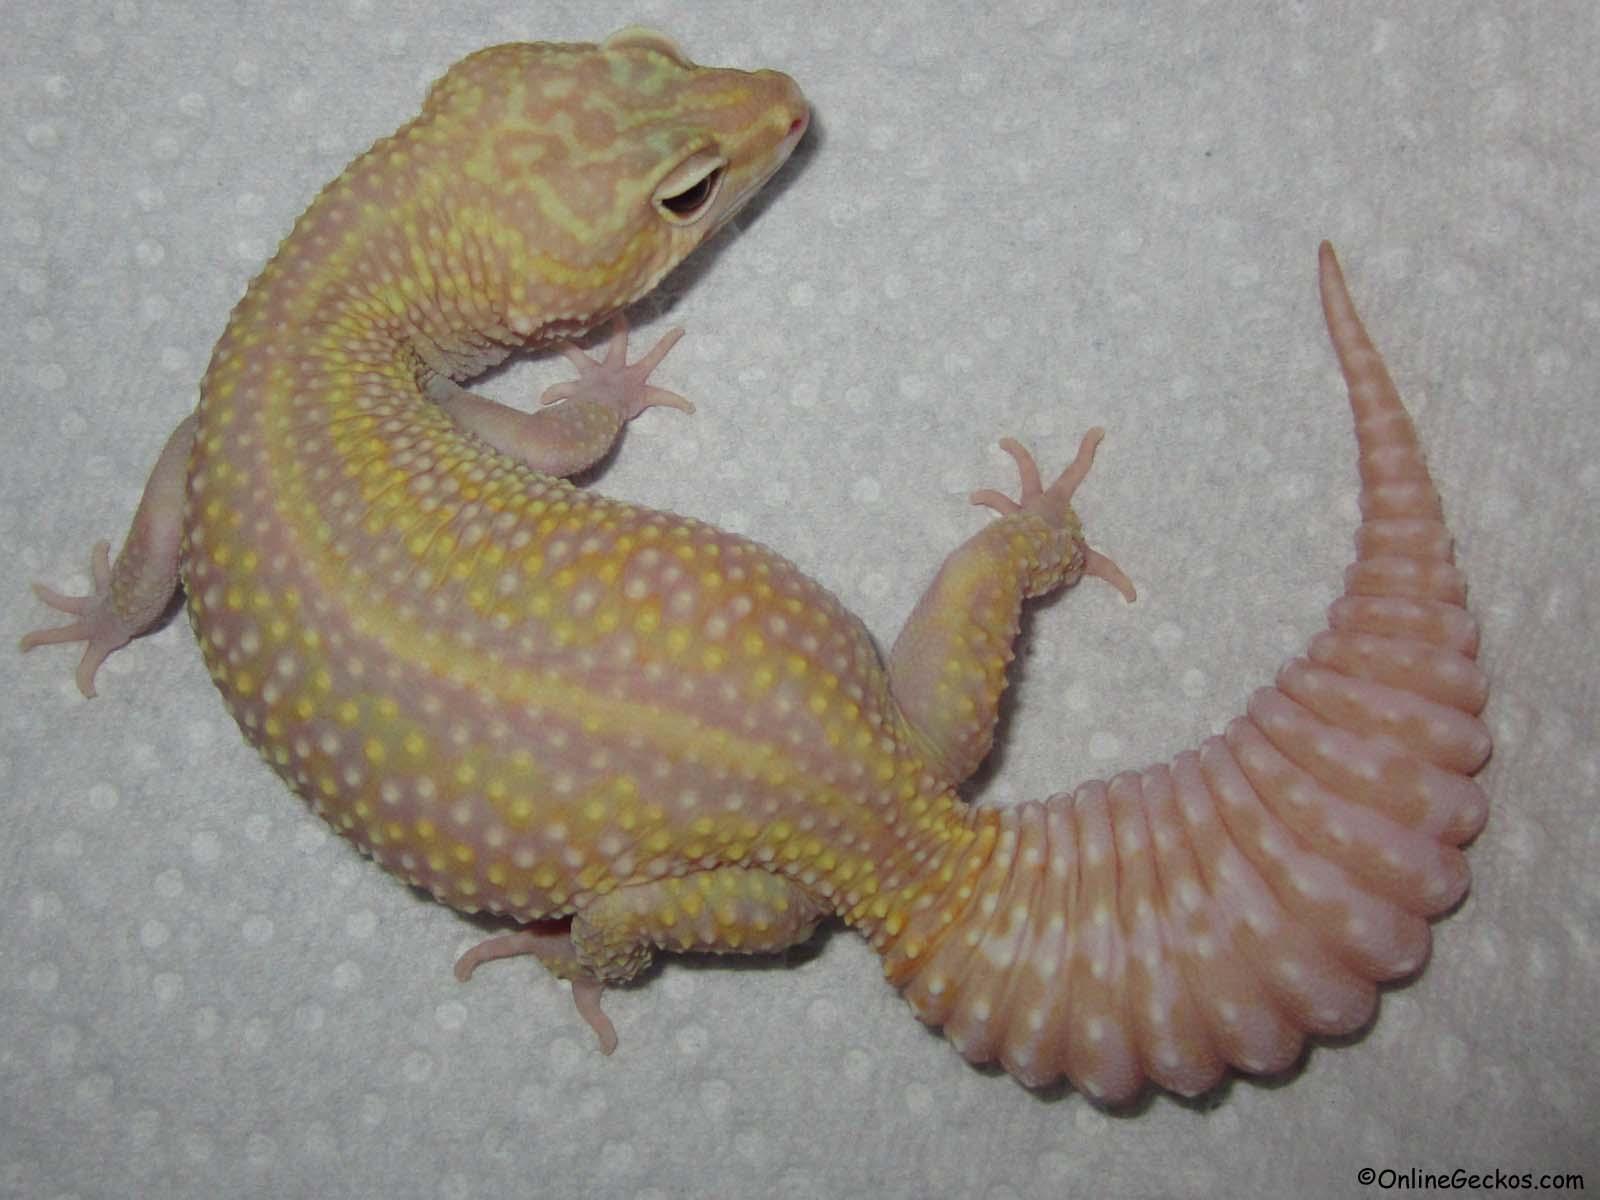 Tremper albino leopard gecko eyes